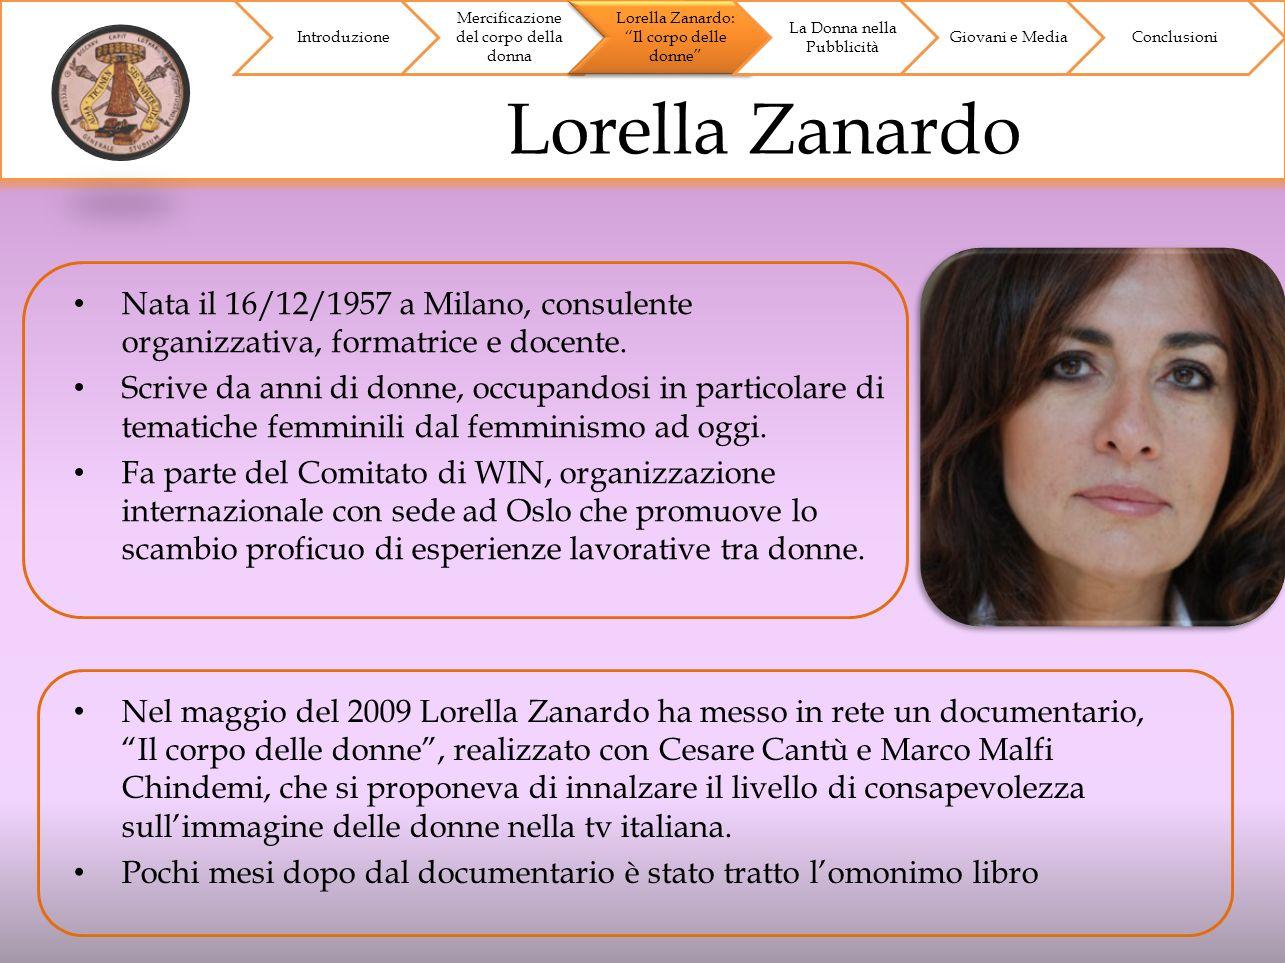 Lorella Zanardo Introduzione Mercificazione del corpo della donna Lorella Zanardo: Il corpo delle donne La Donna nella Pubblicità Giovani e MediaConcl